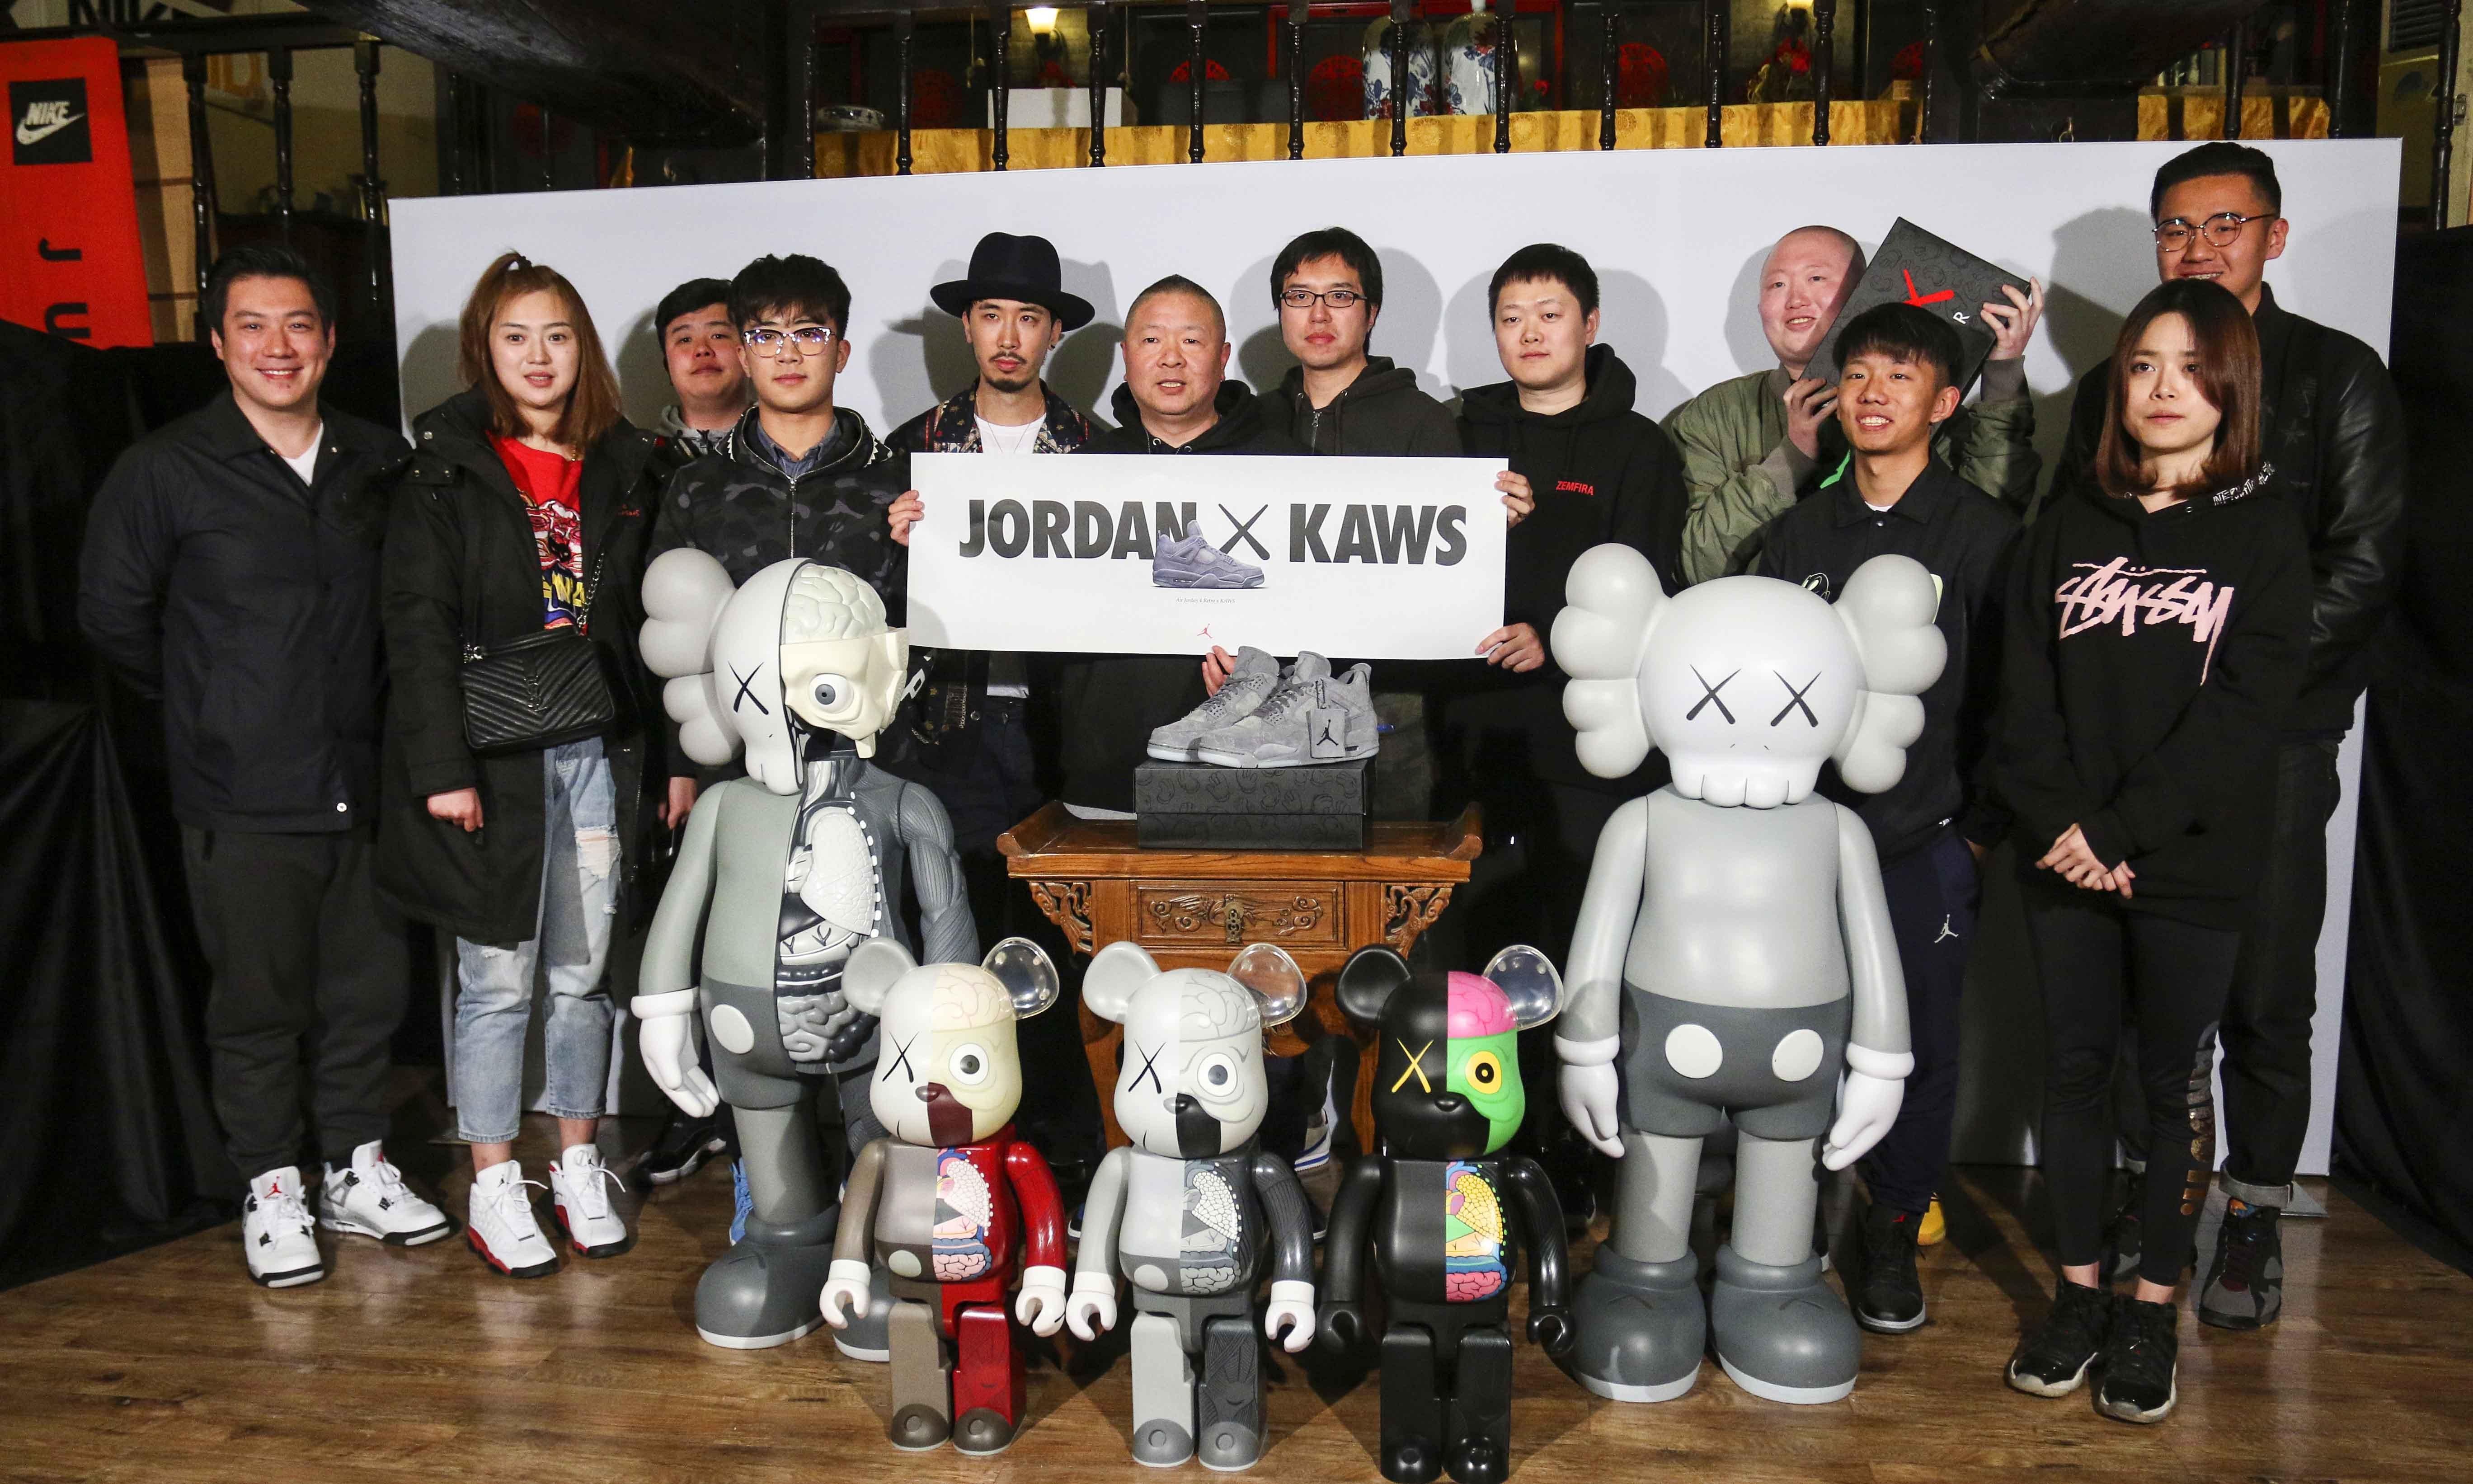 当球鞋遇到艺术,京城老牌鞋店亚新举办 KAWS 小型展暨潮流座谈会